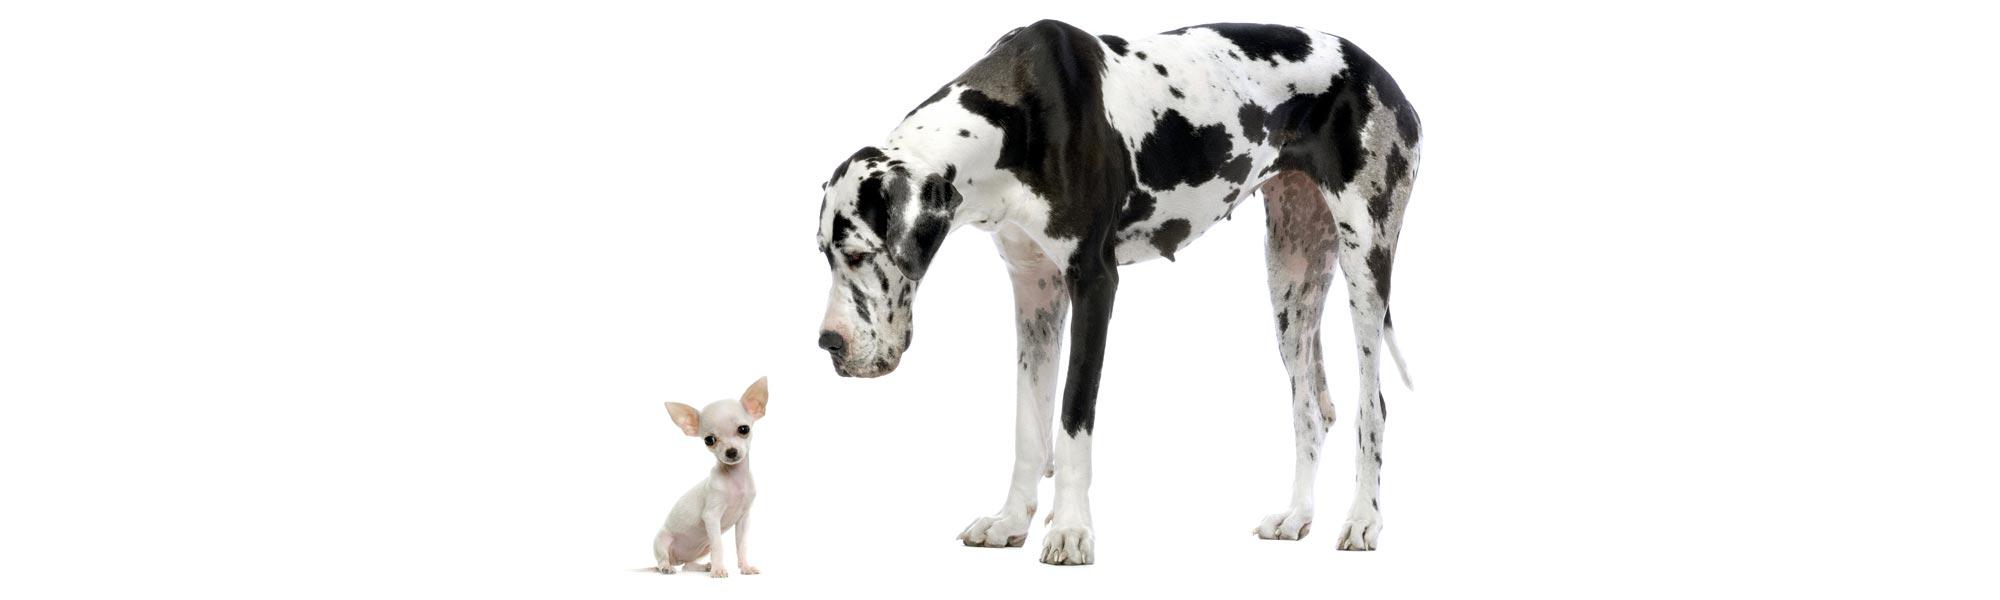 adigone-visuel-chien